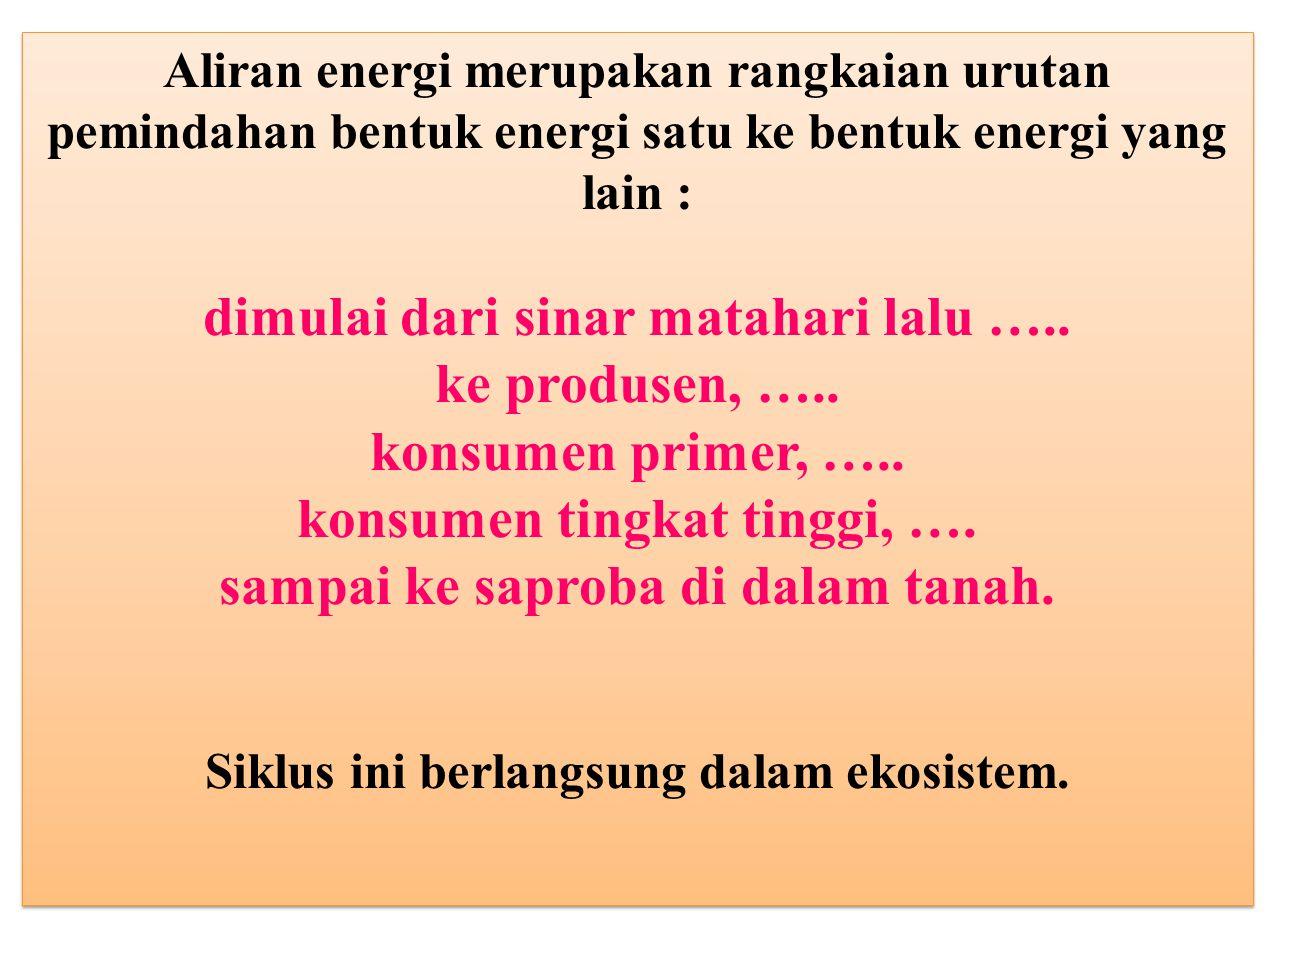 Aliran energi merupakan rangkaian urutan pemindahan bentuk energi satu ke bentuk energi yang lain : dimulai dari sinar matahari lalu ….. ke produsen,